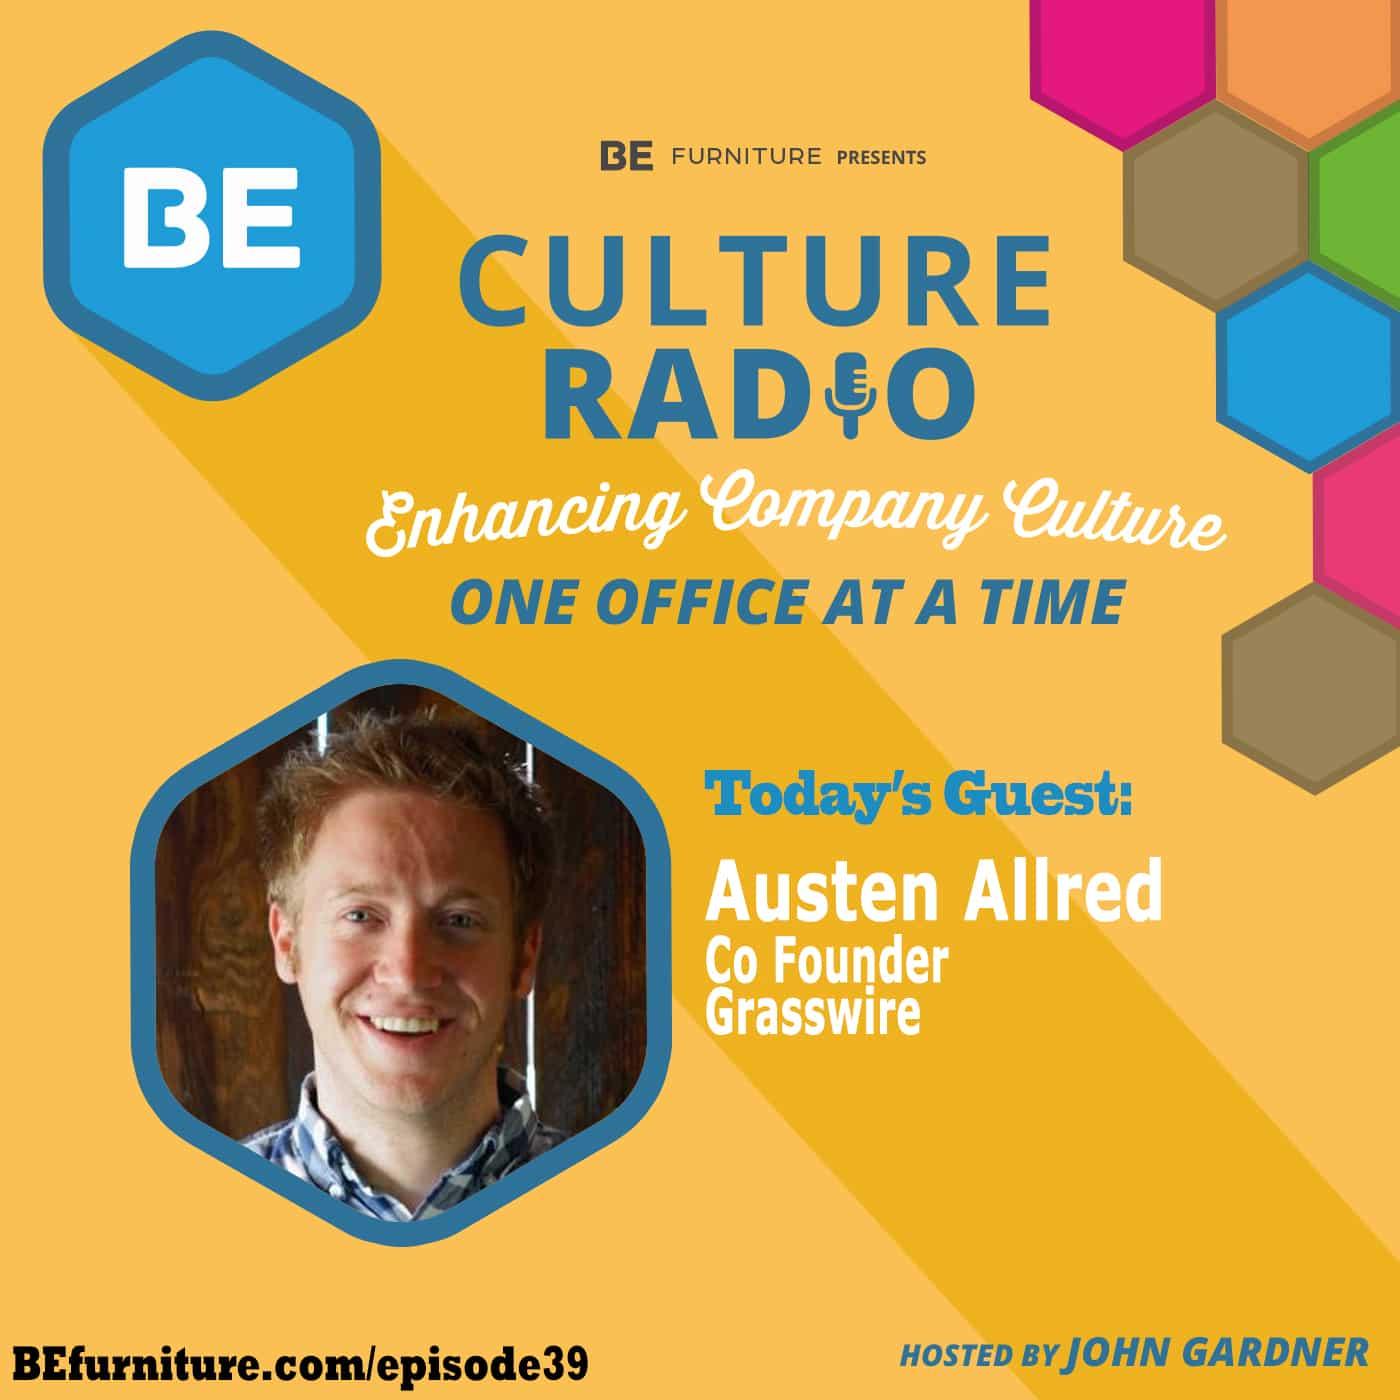 Austen Allredy, Co Founder - Grasswire